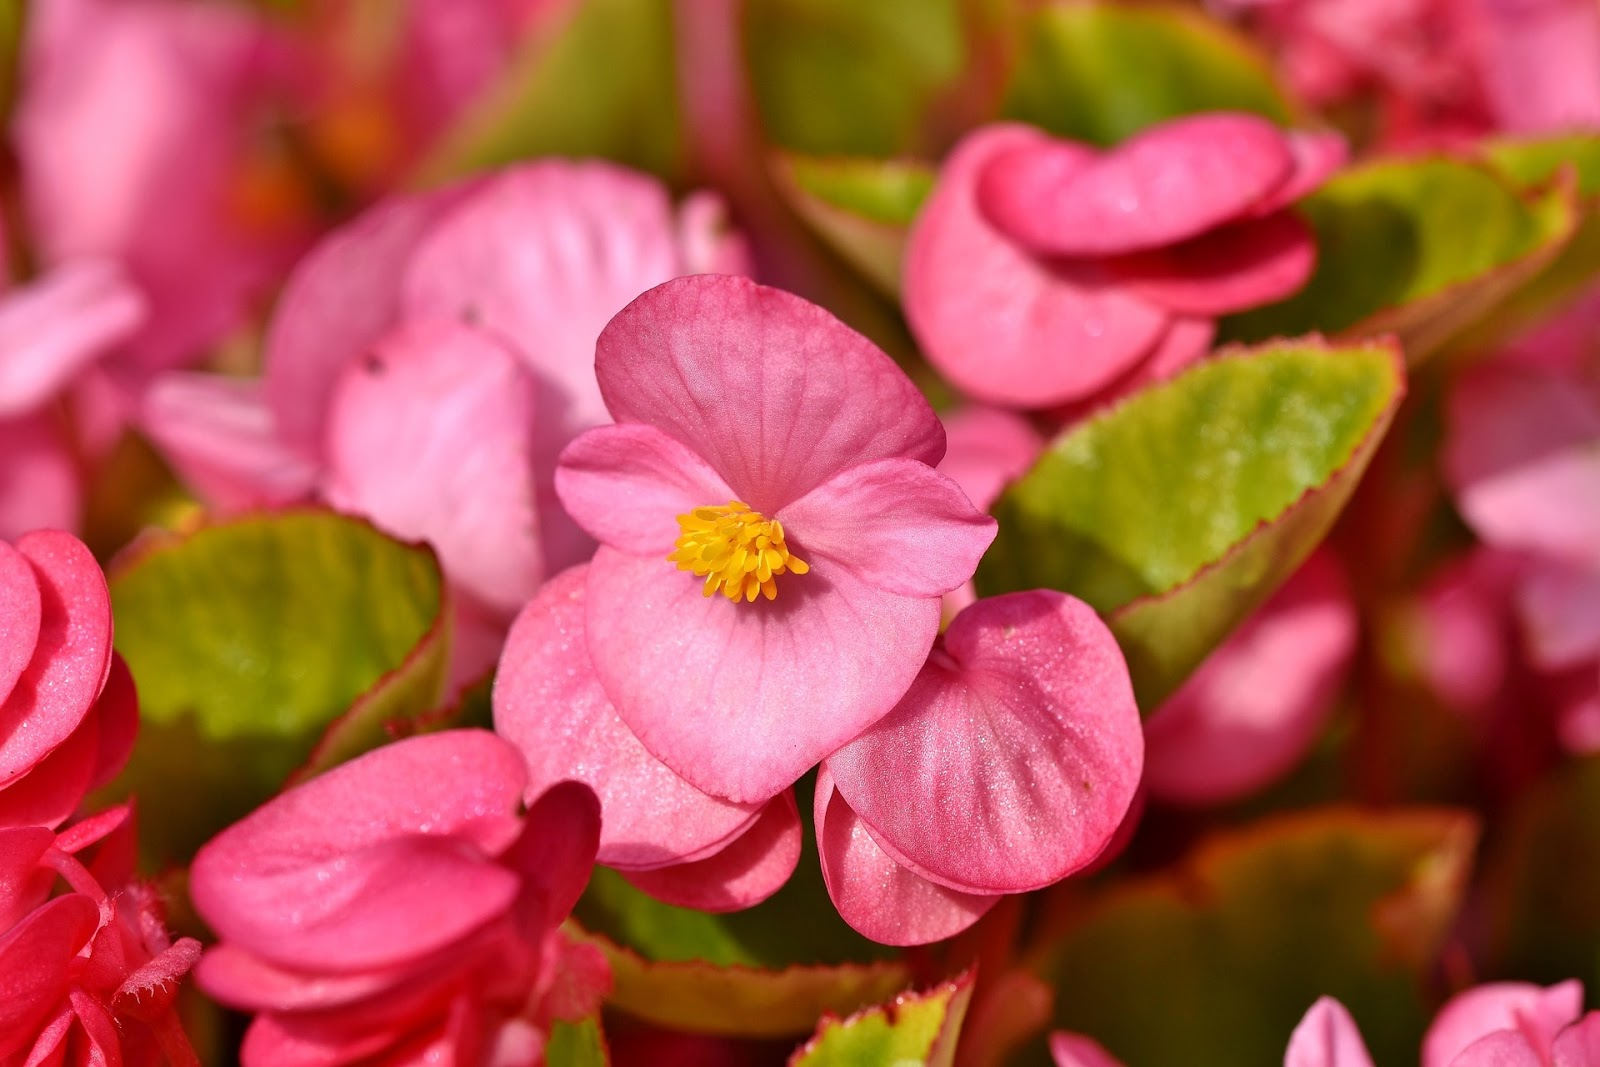 Kumpulan Gambar Bunga Cantik Untuk Wallpaper Hd Gambar Indah